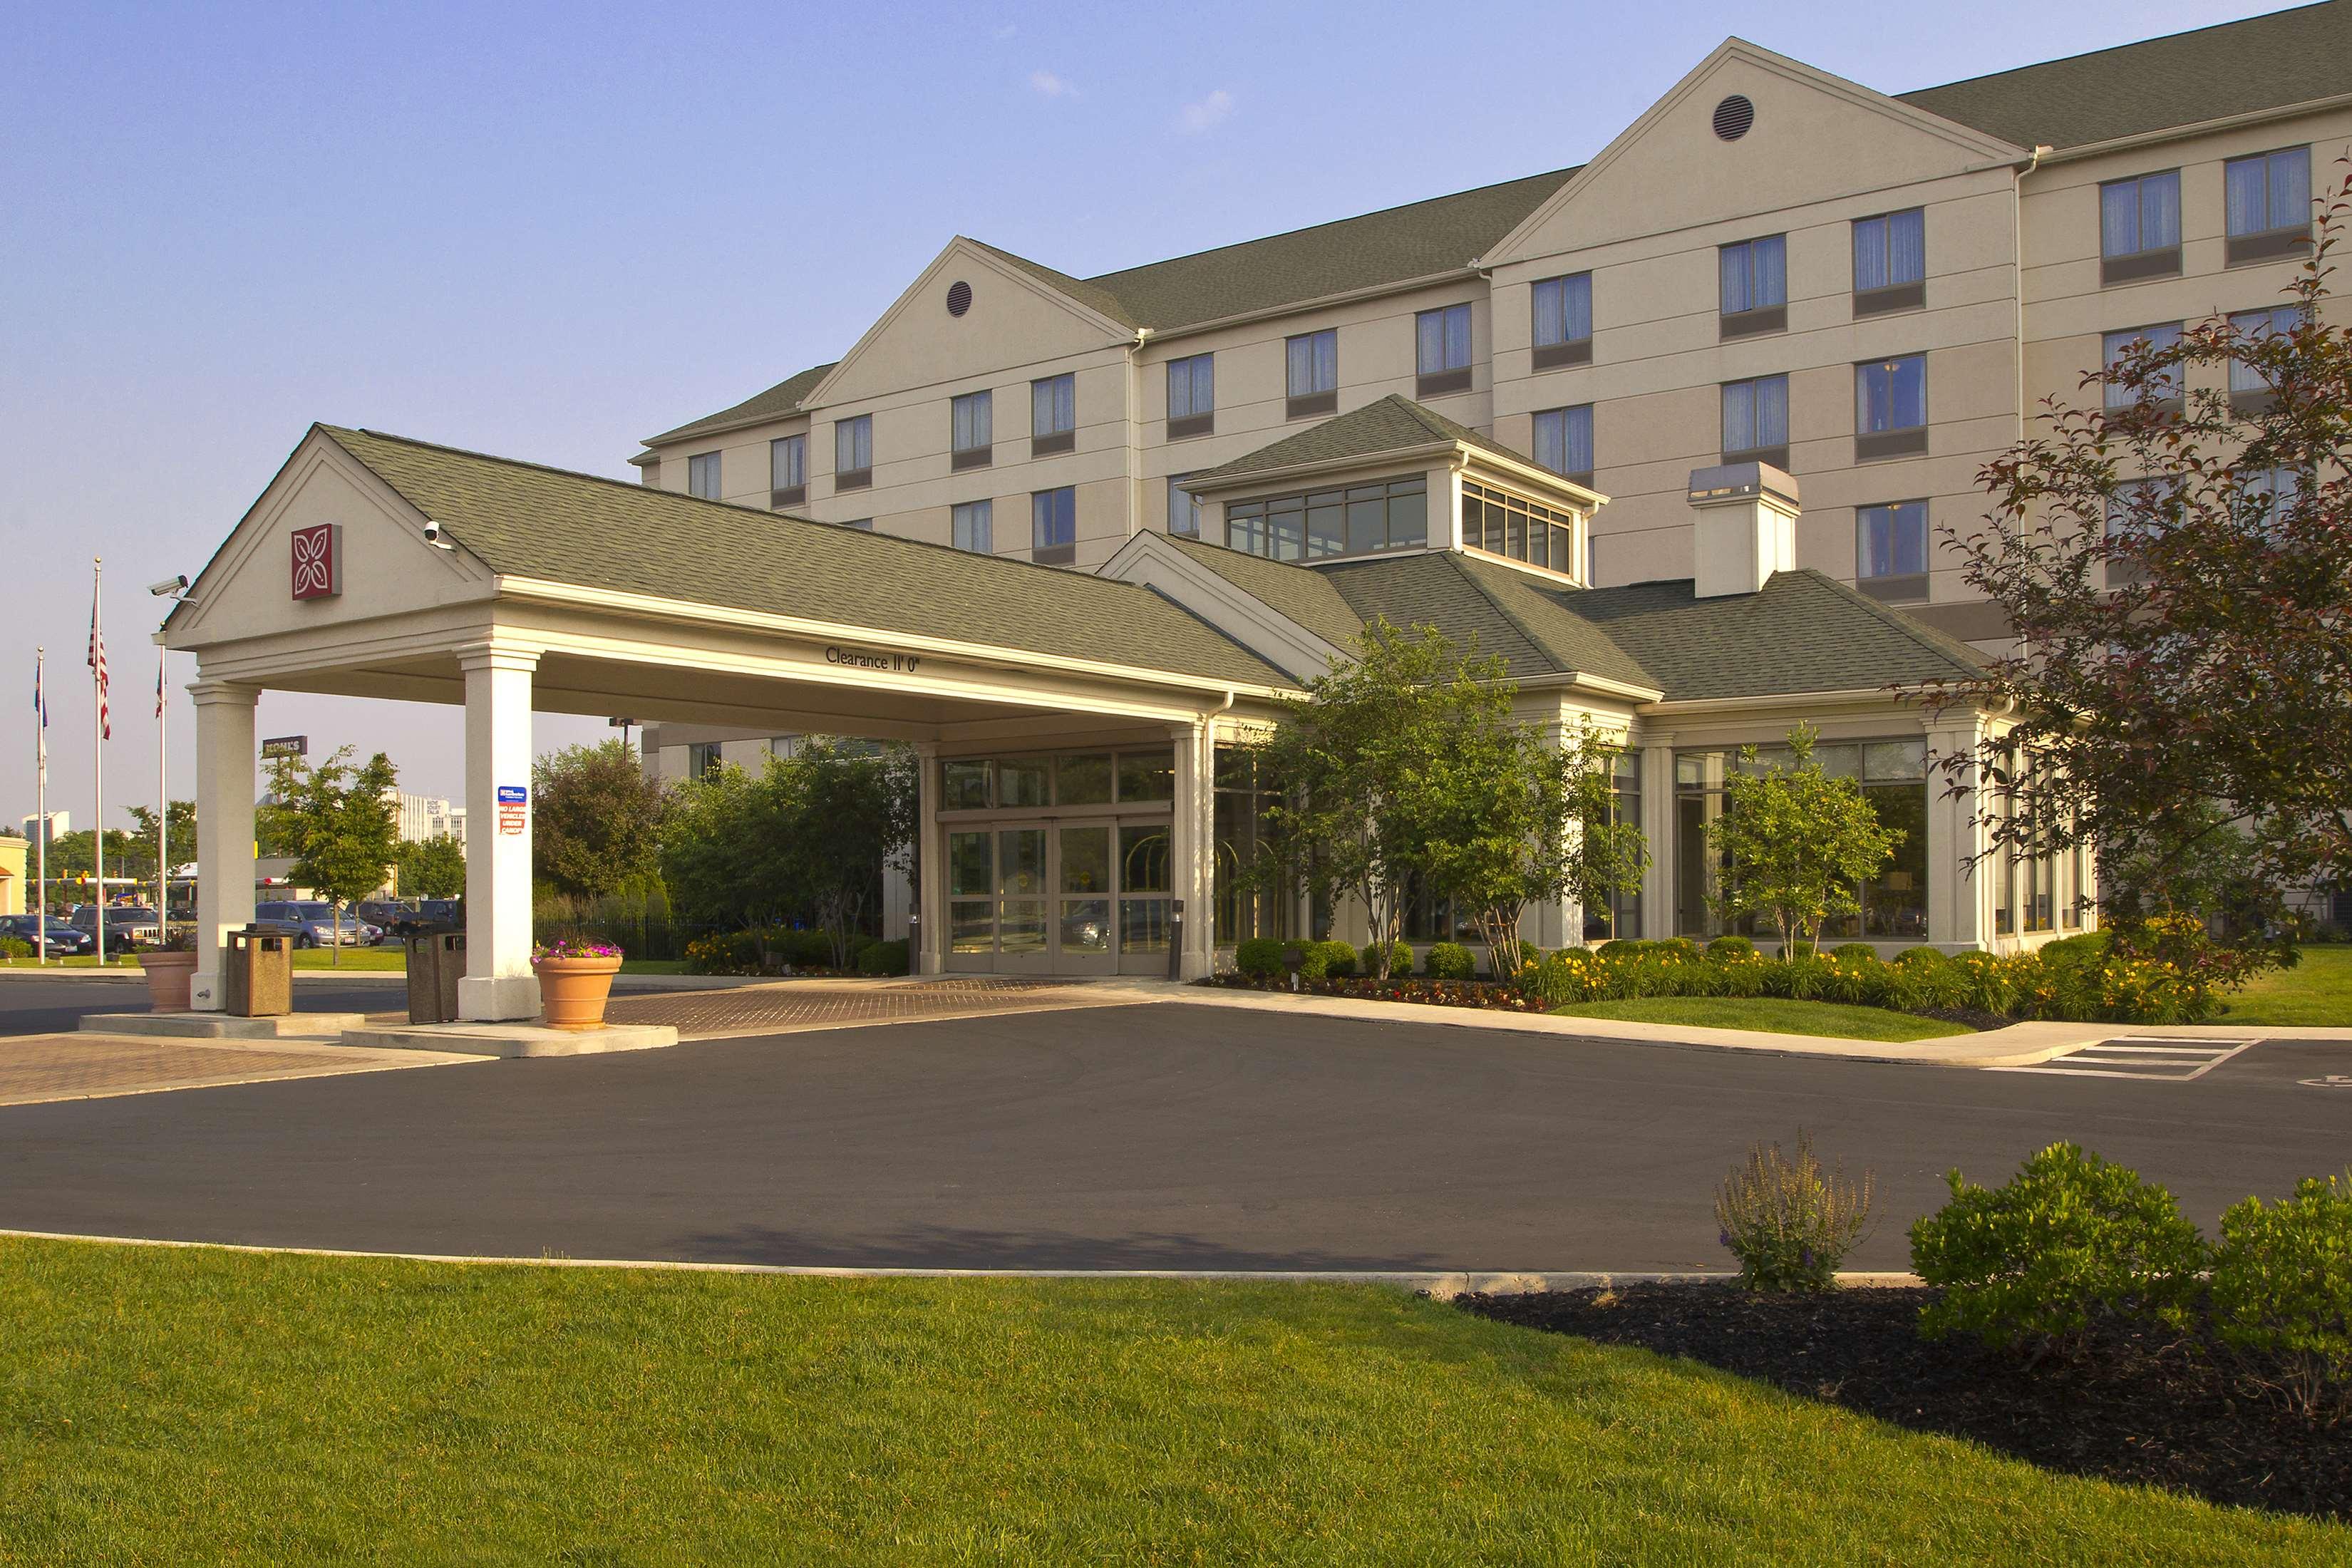 Hilton Garden Inn Columbus-University Area image 1